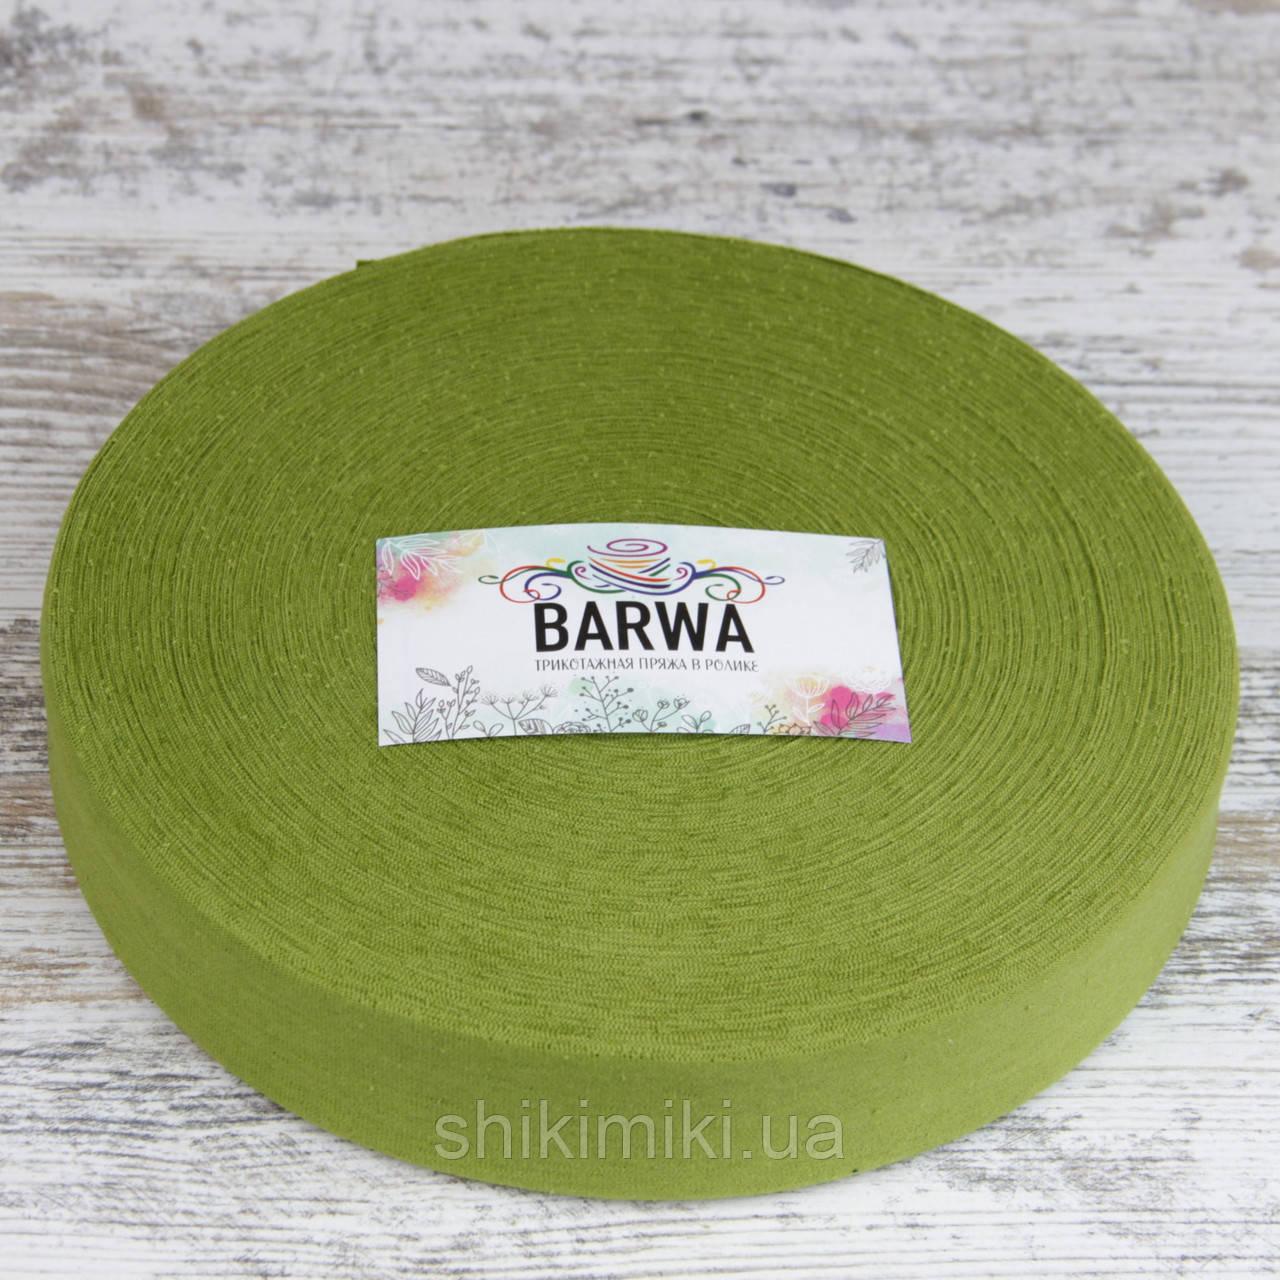 Трикотажная пряжа Barwa в роликах, цвет Голден грин